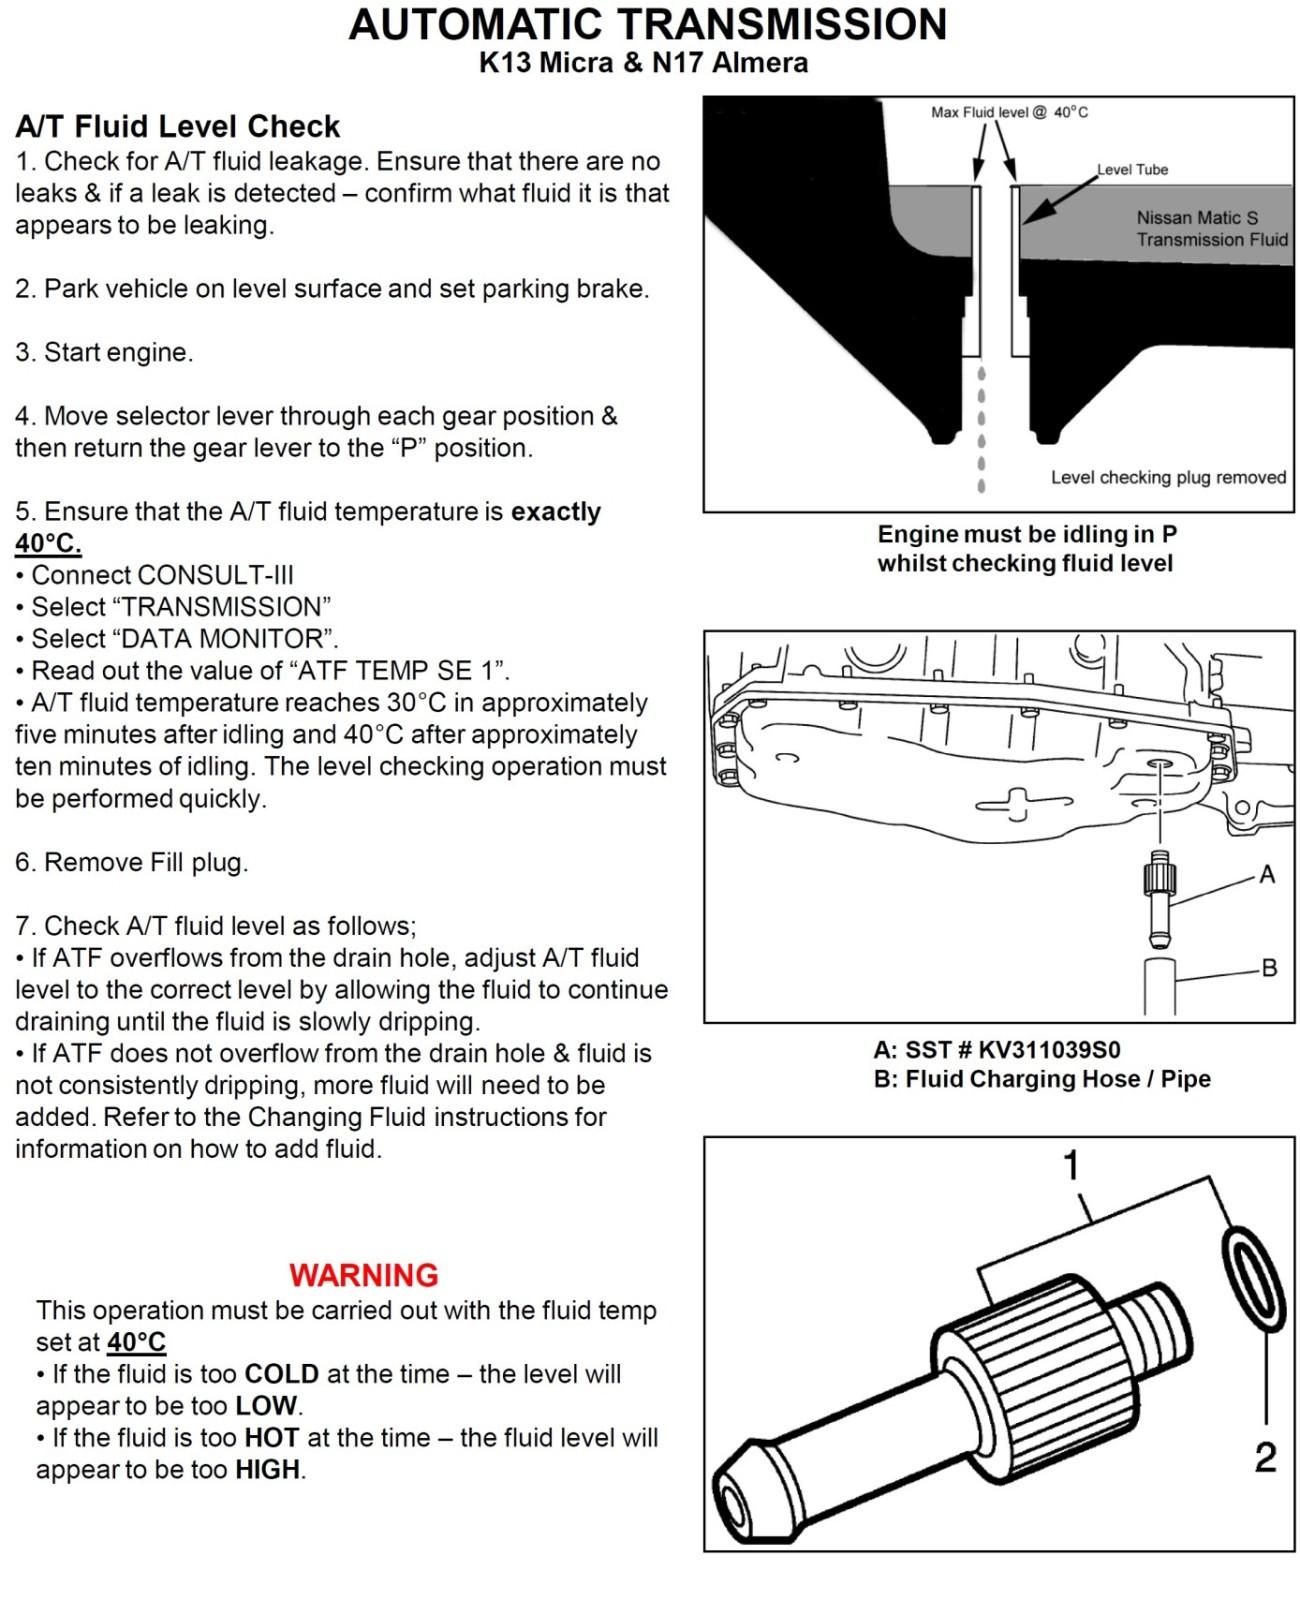 Verificação do nível do fluído da transmissão automática 1zbq54p